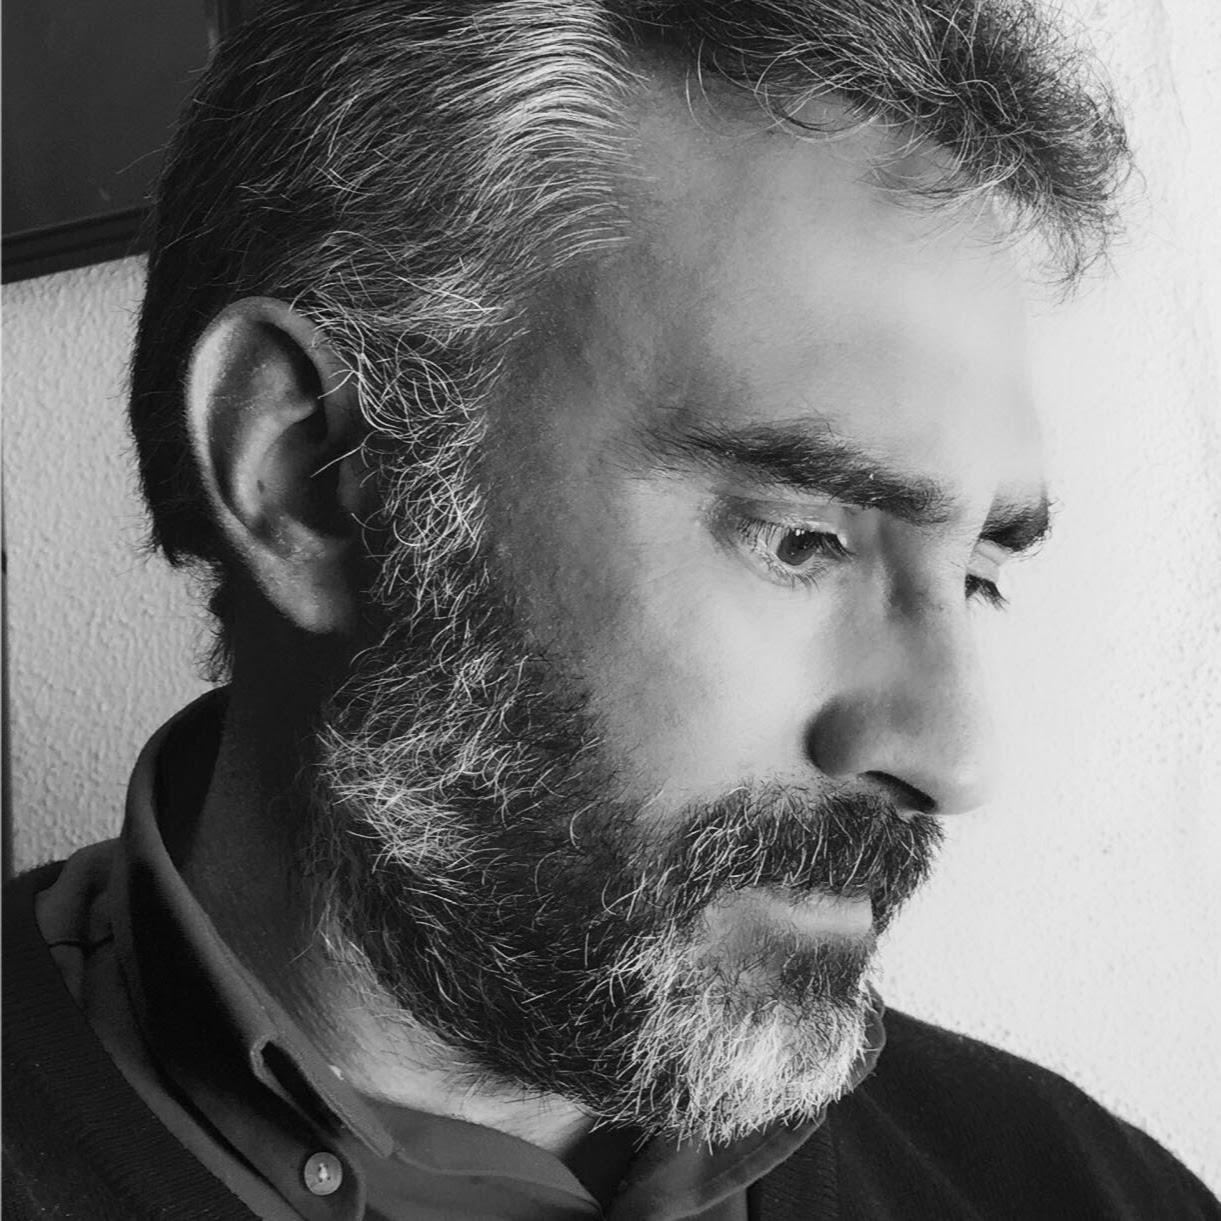 Juan Antonio Carrasco Lobo